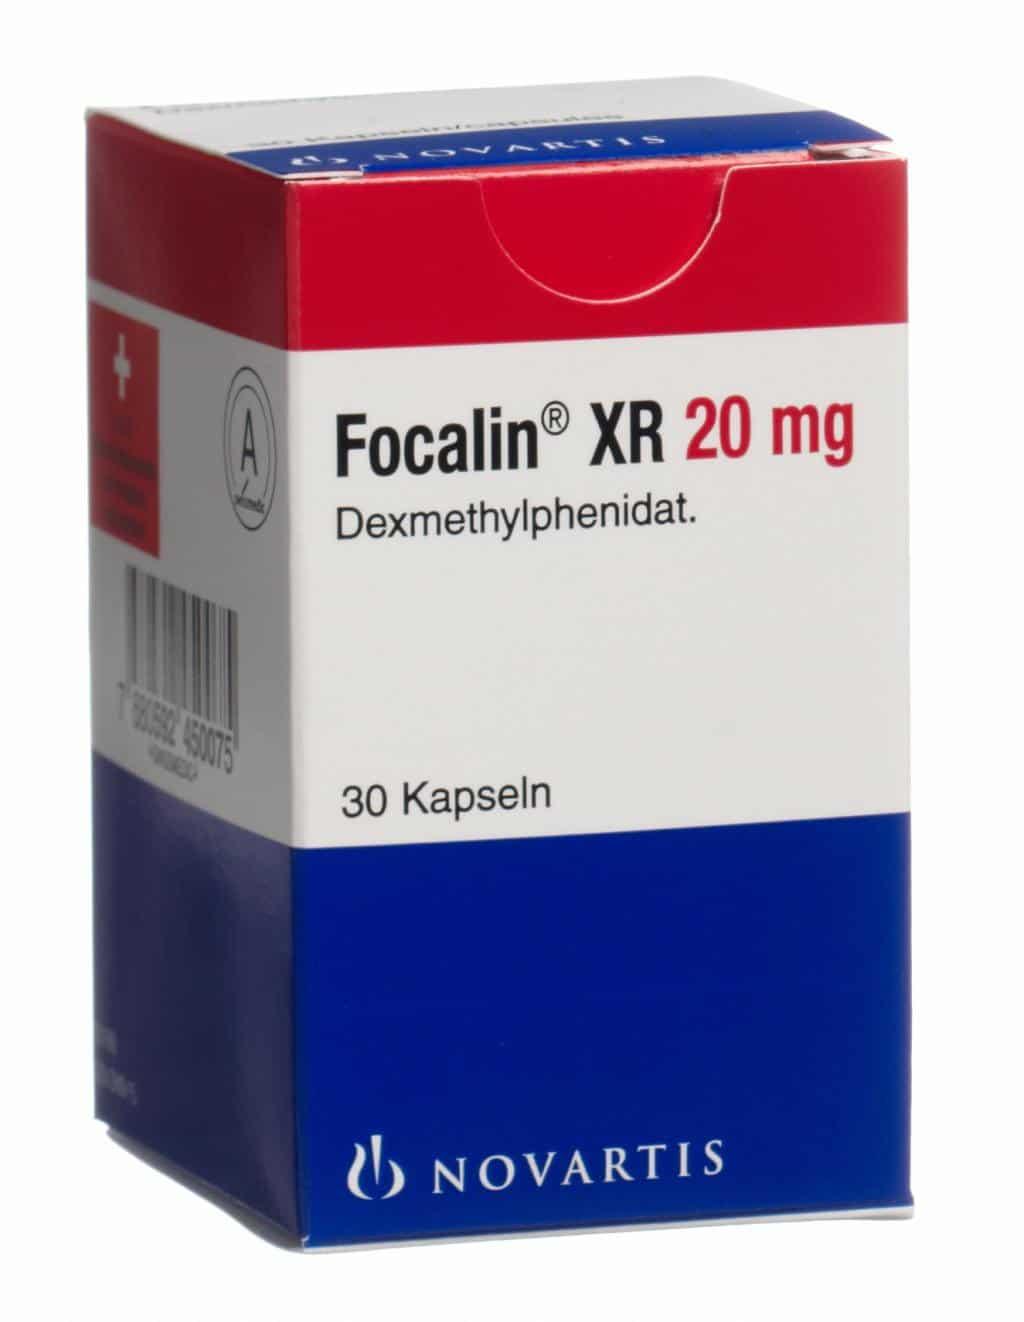 Focalin XR review